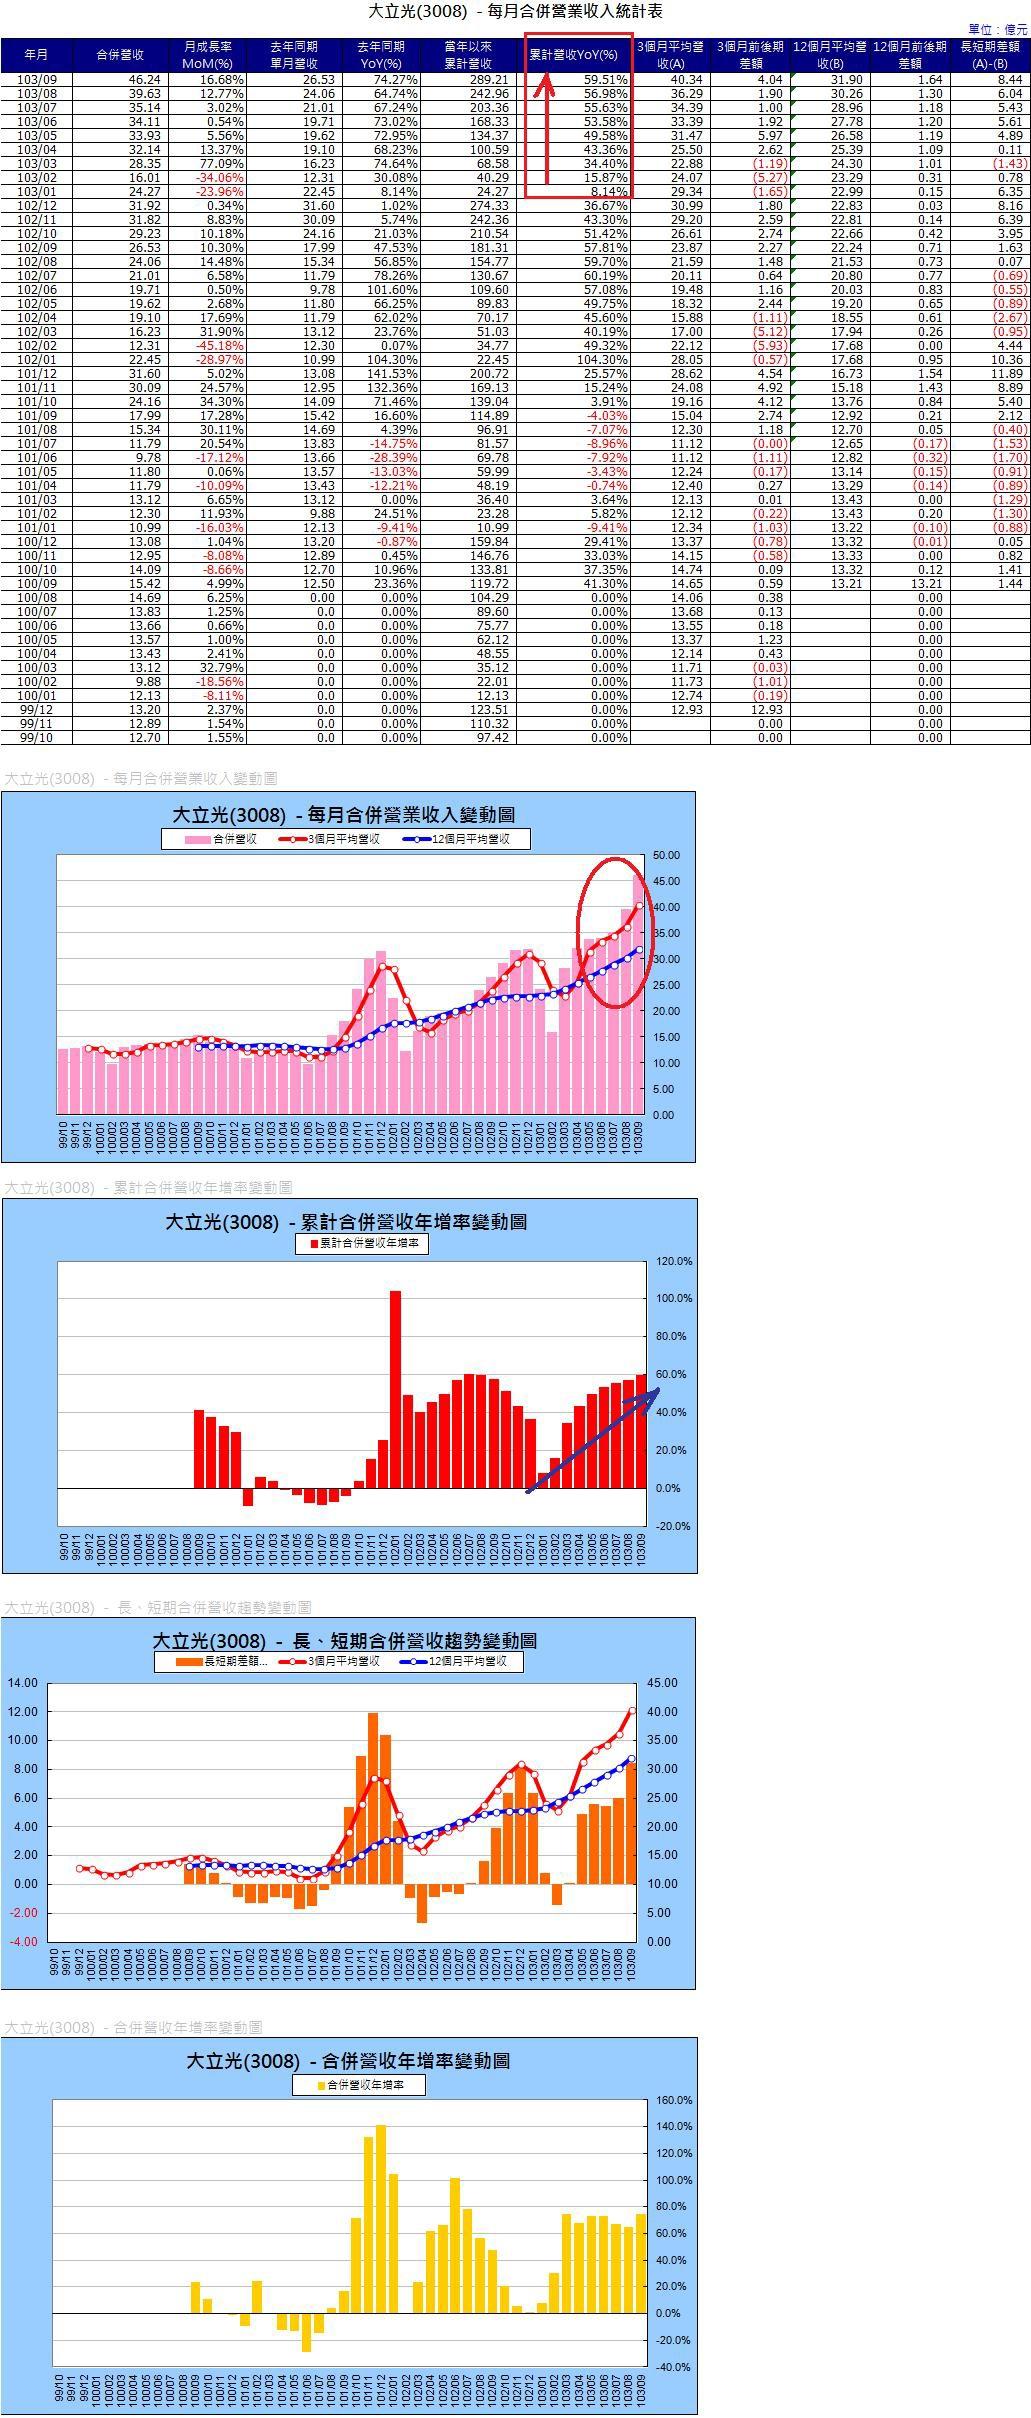 3008各月營收及長、短期趨勢圖